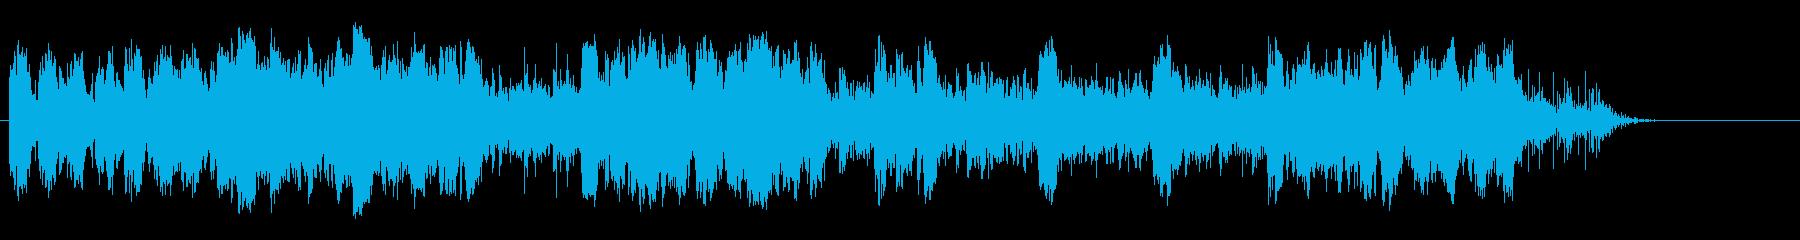 星に吸い込まれそうになる幻想的な環境音楽の再生済みの波形